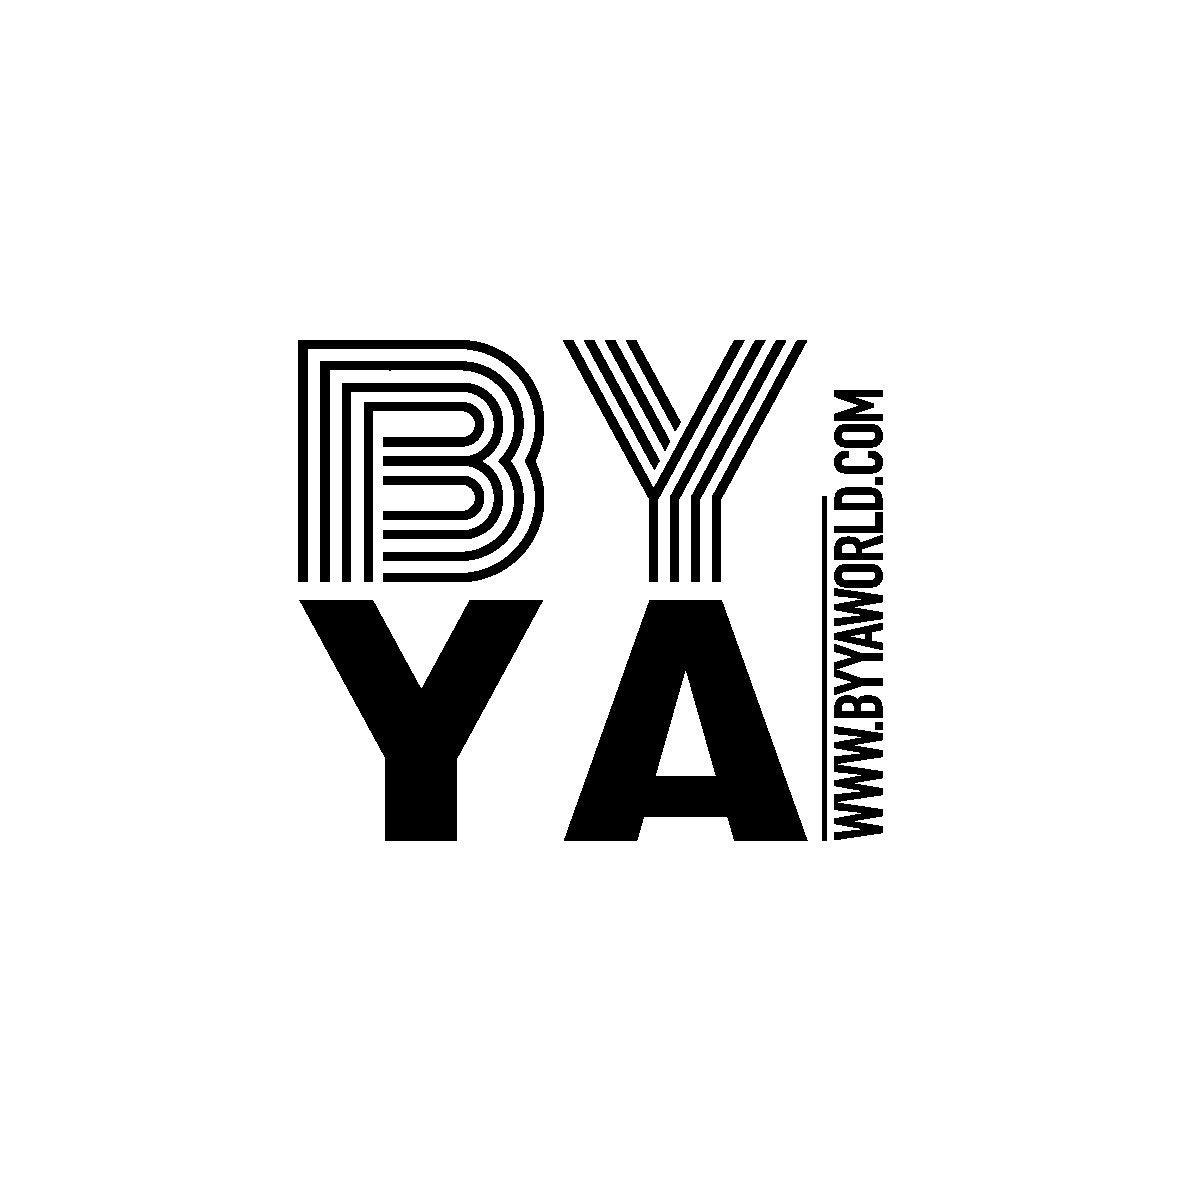 BYYAWorld